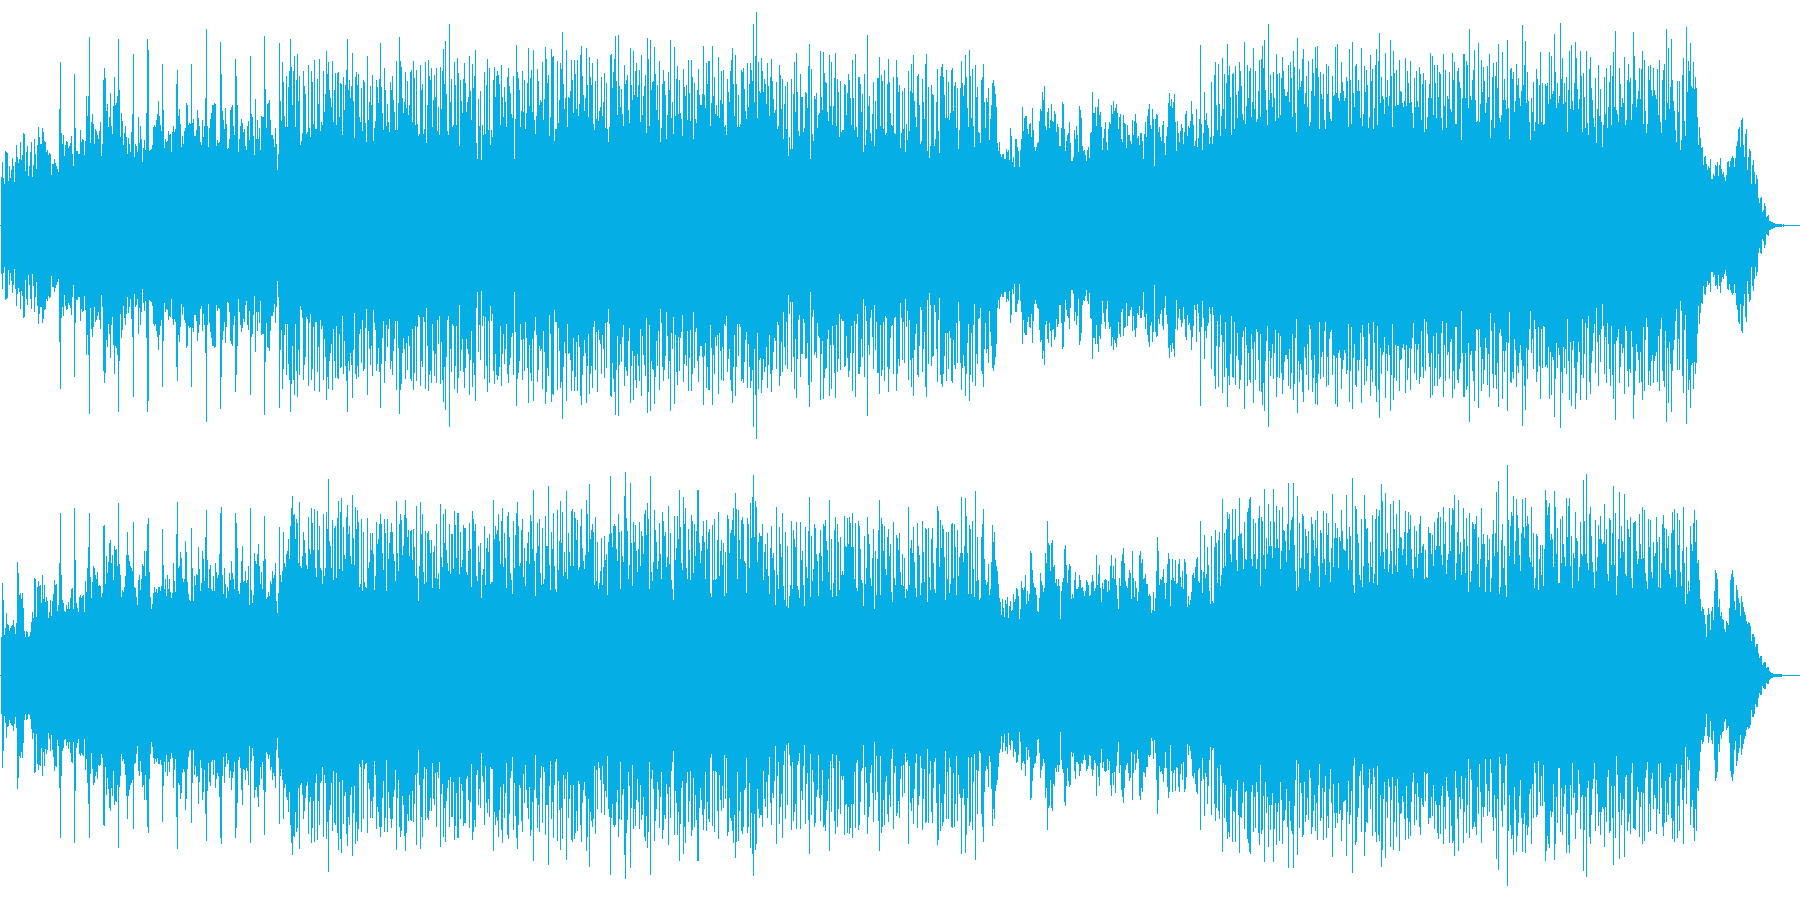 疾走感のあるドラムンベースの再生済みの波形